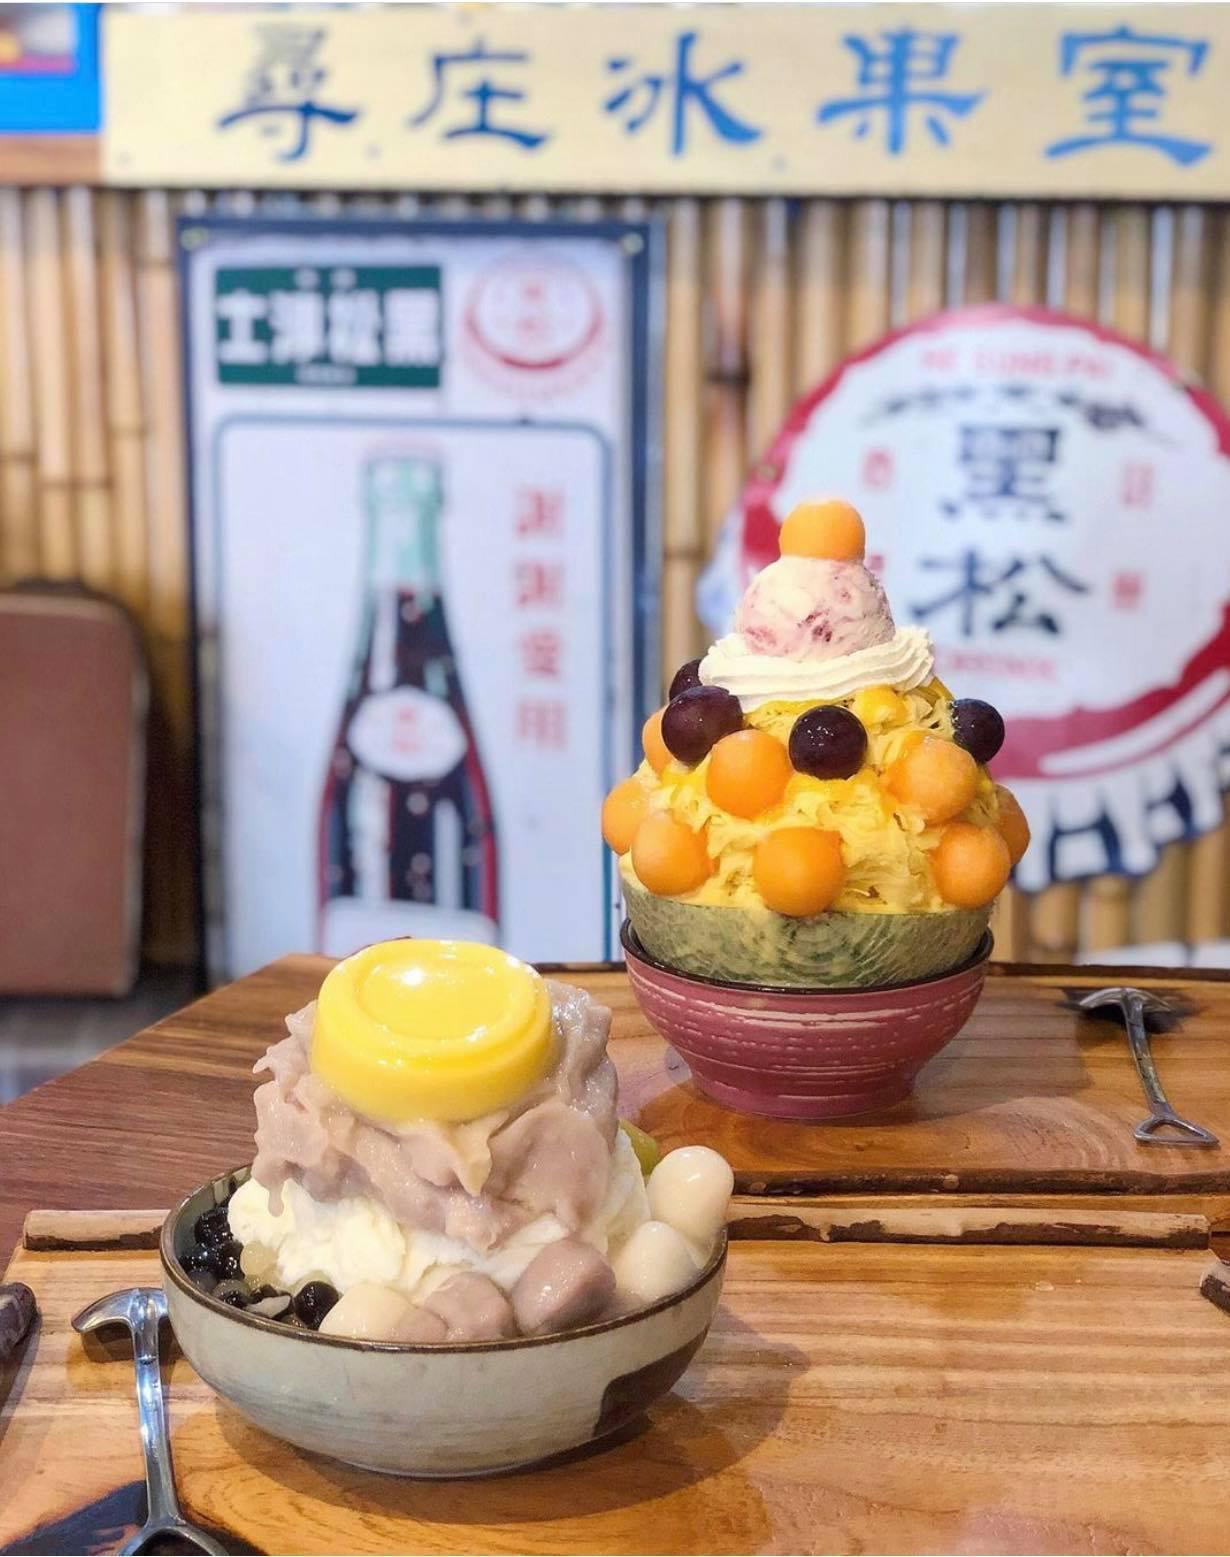 「尋庄懷舊冰店」有各式美麗好吃的冰品。圖/尋庄懷舊冰店 提供